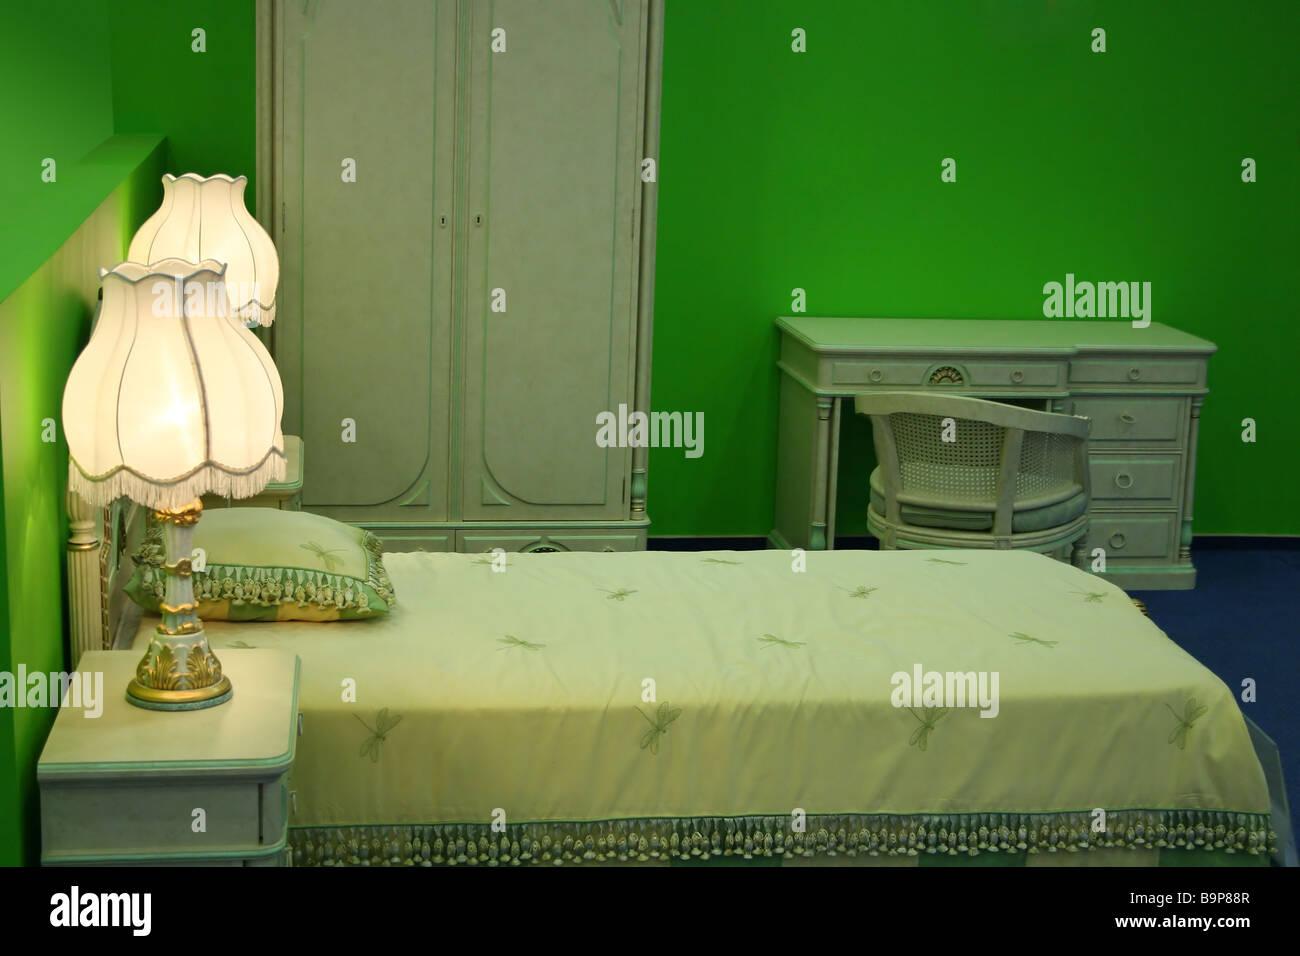 Camere Da Letto Verde Acido : Camera da letto verde foto immagine stock  alamy